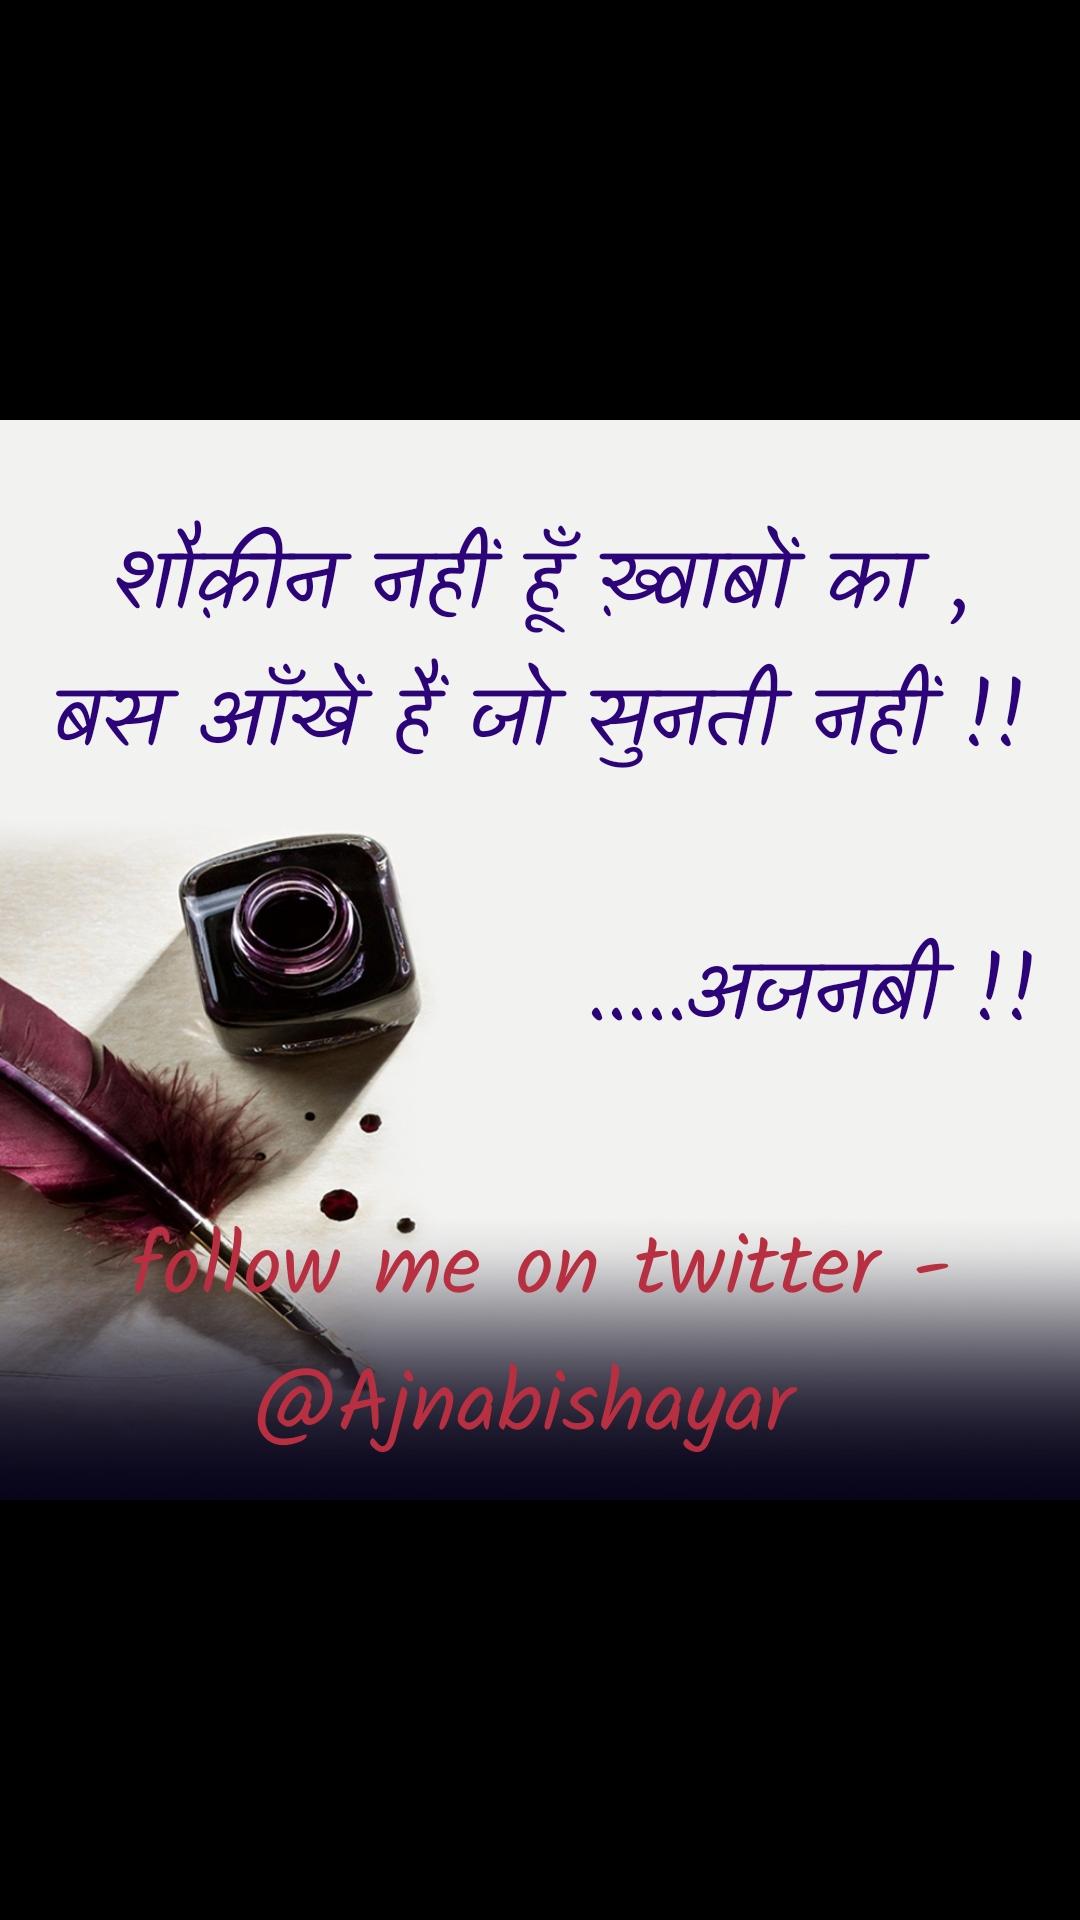 शौक़ीन नहीं हूँ ख़्वाबों का , बस आँखें हैं जो सुनती नहीं !!                  .....अजनबी !!  follow me on twitter - @Ajnabishayar